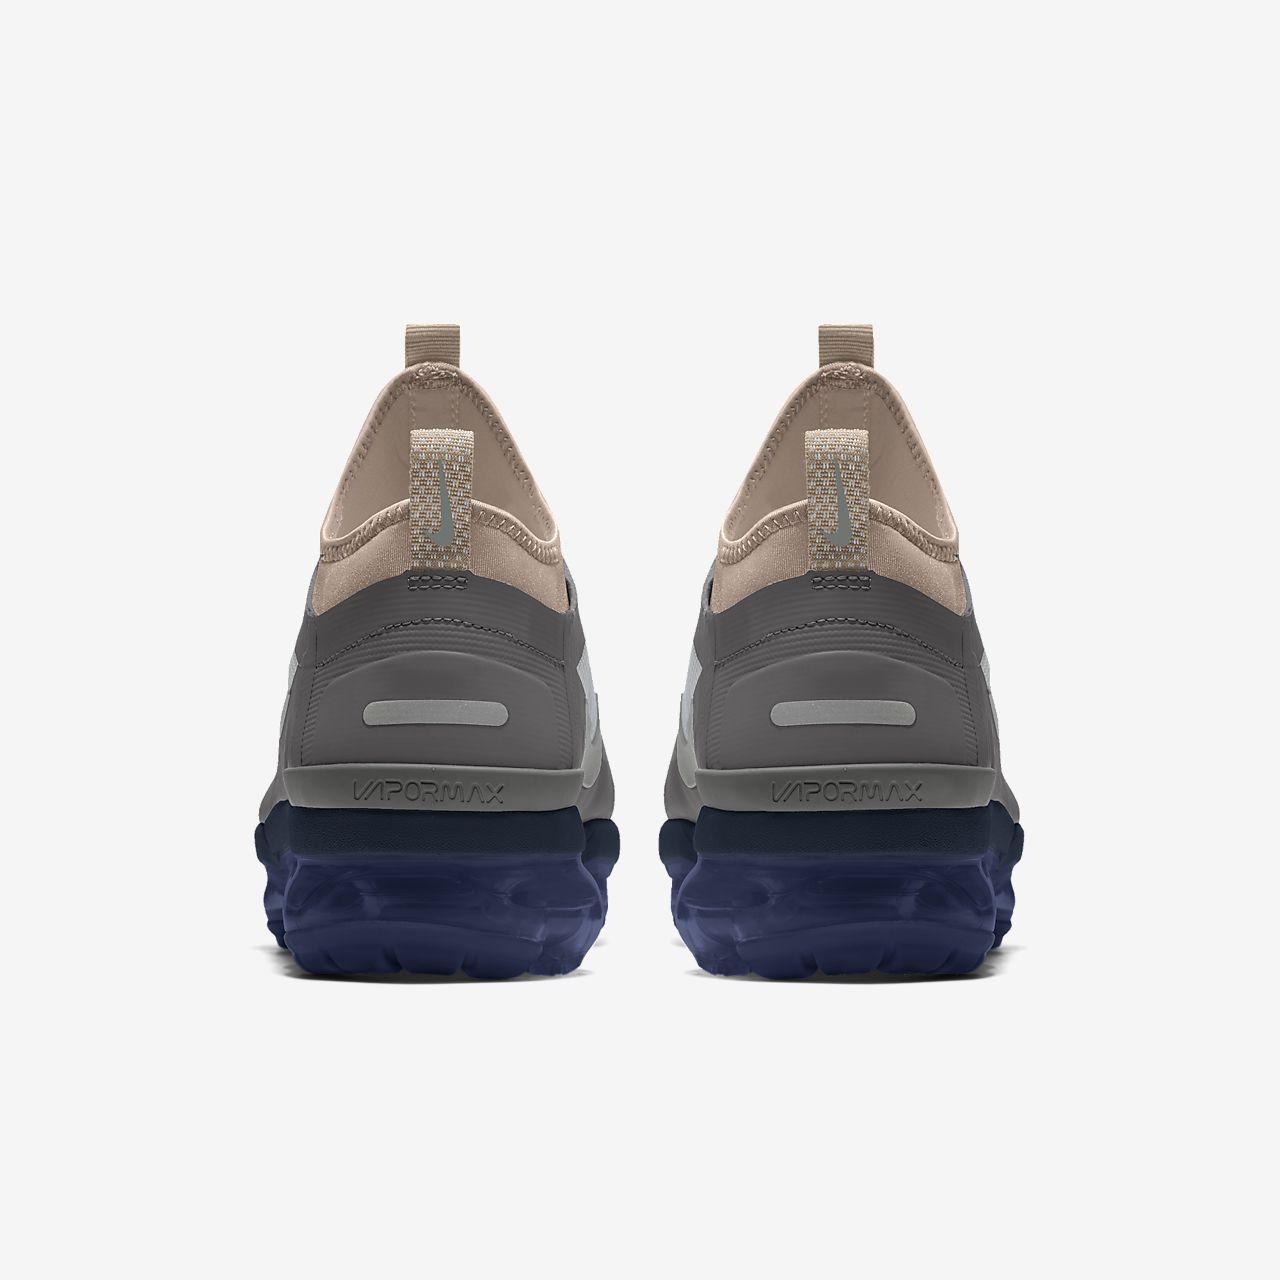 Nike Air Max 720 2019 Gradient Color Black Original Mens